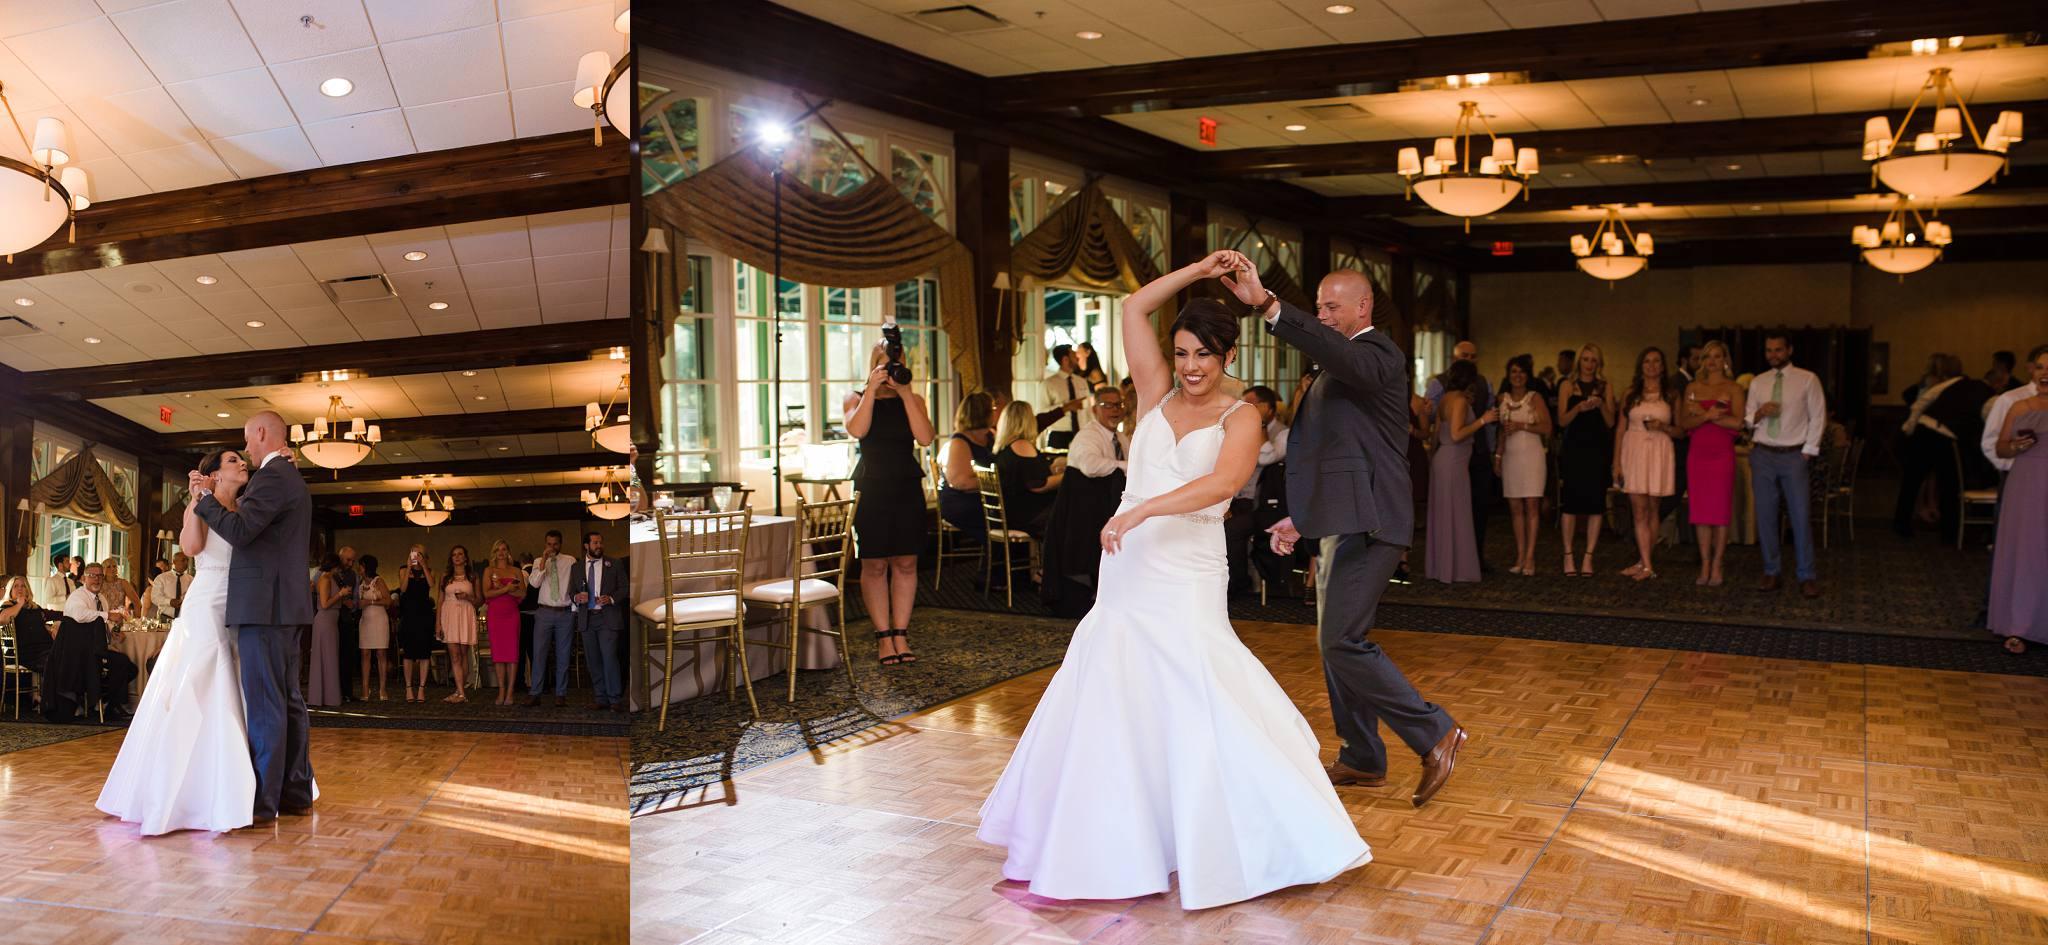 OakBrook-Drake-Wedding_0718.jpg